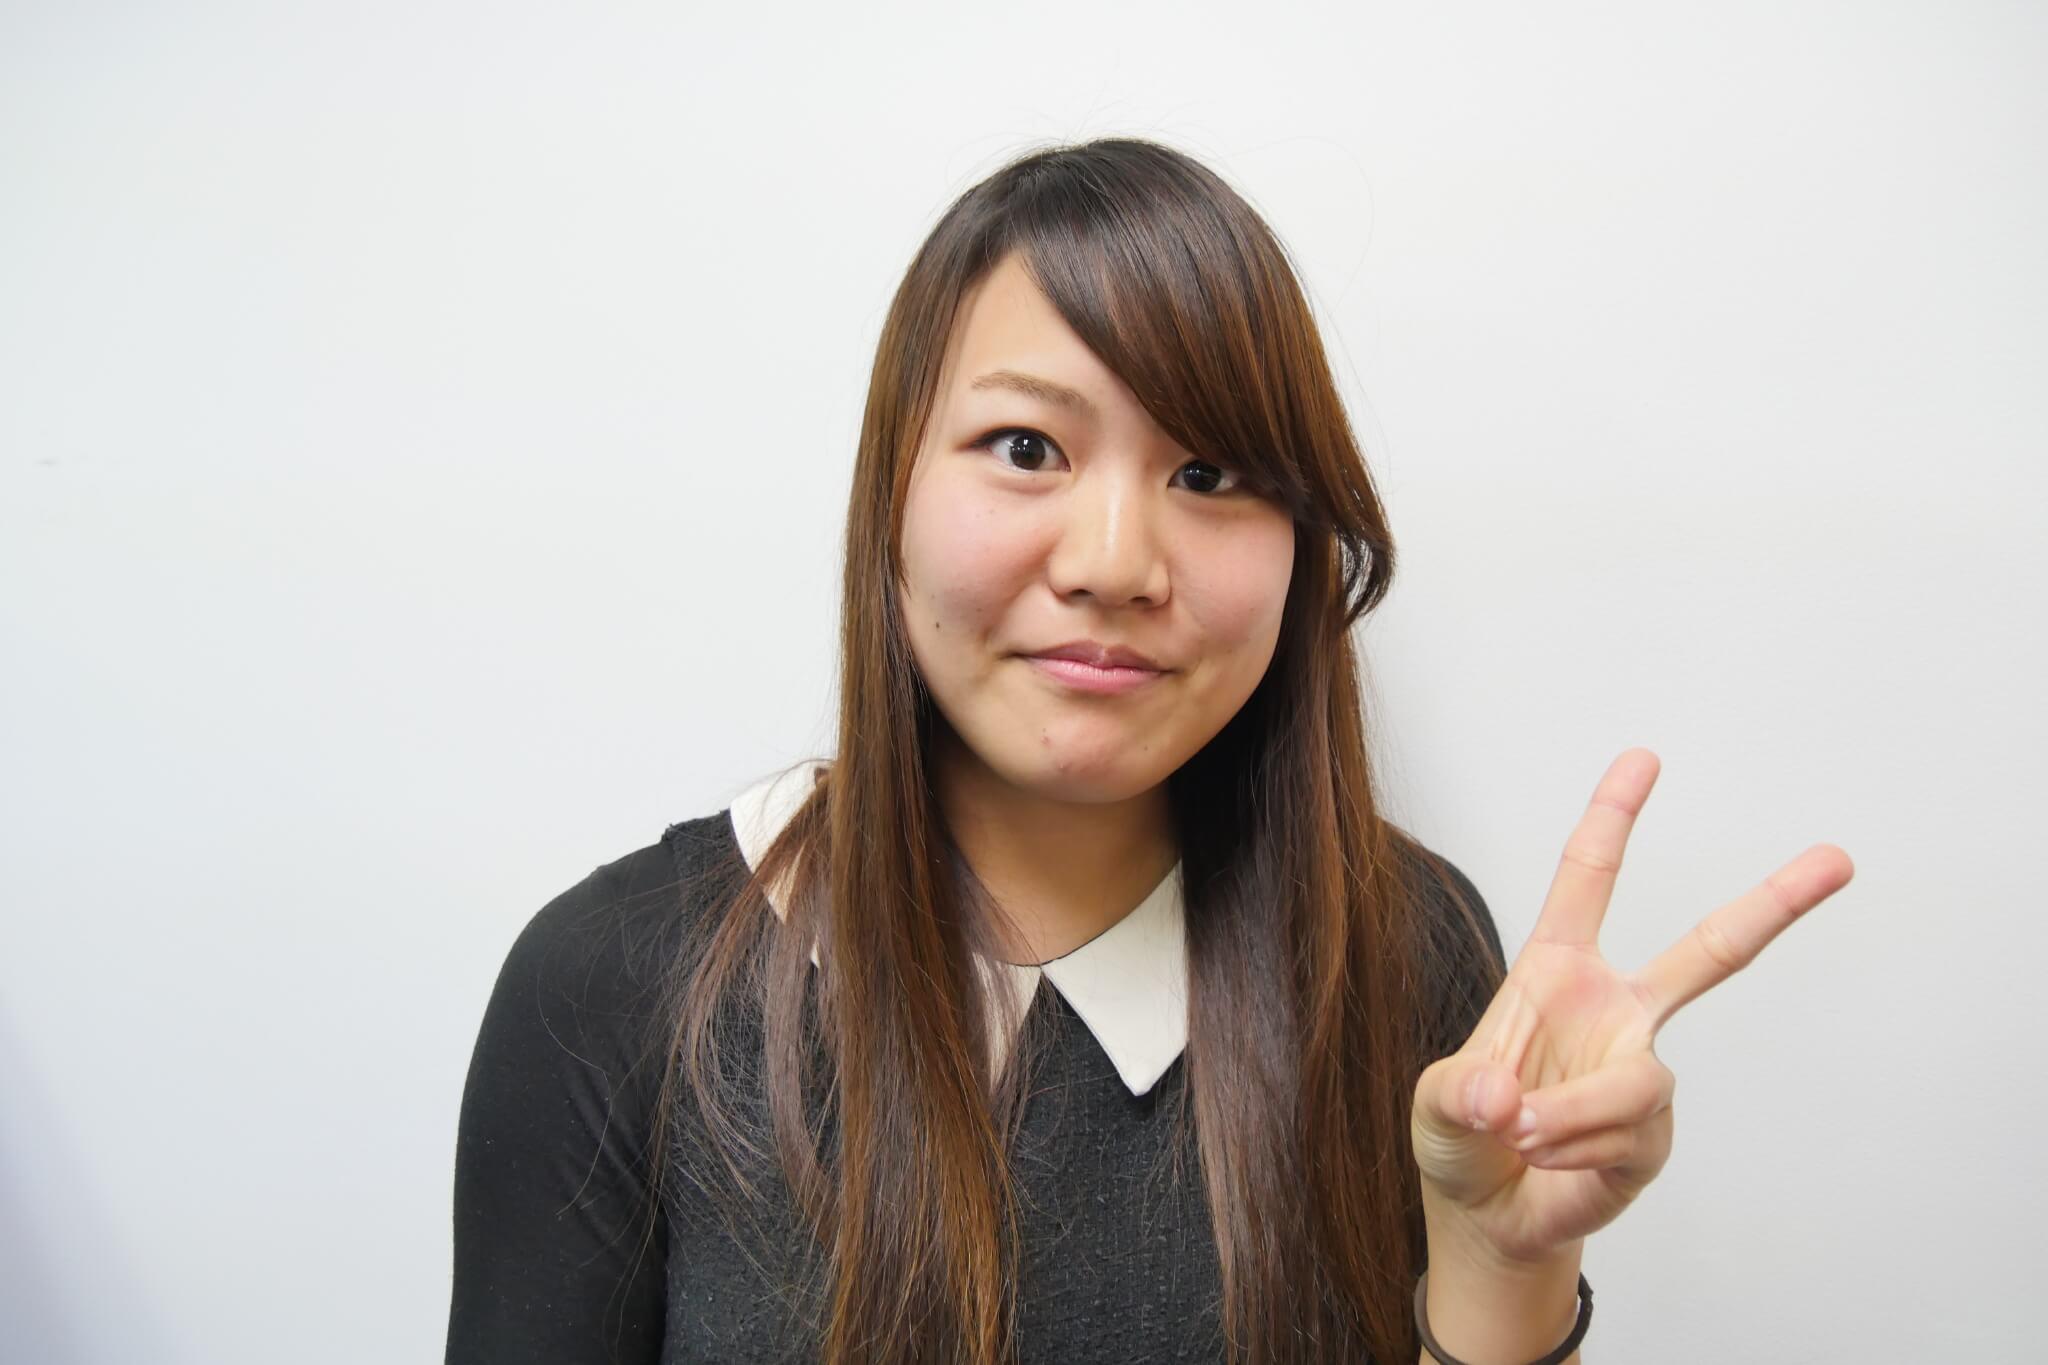 苗田果歩 関西学院大学